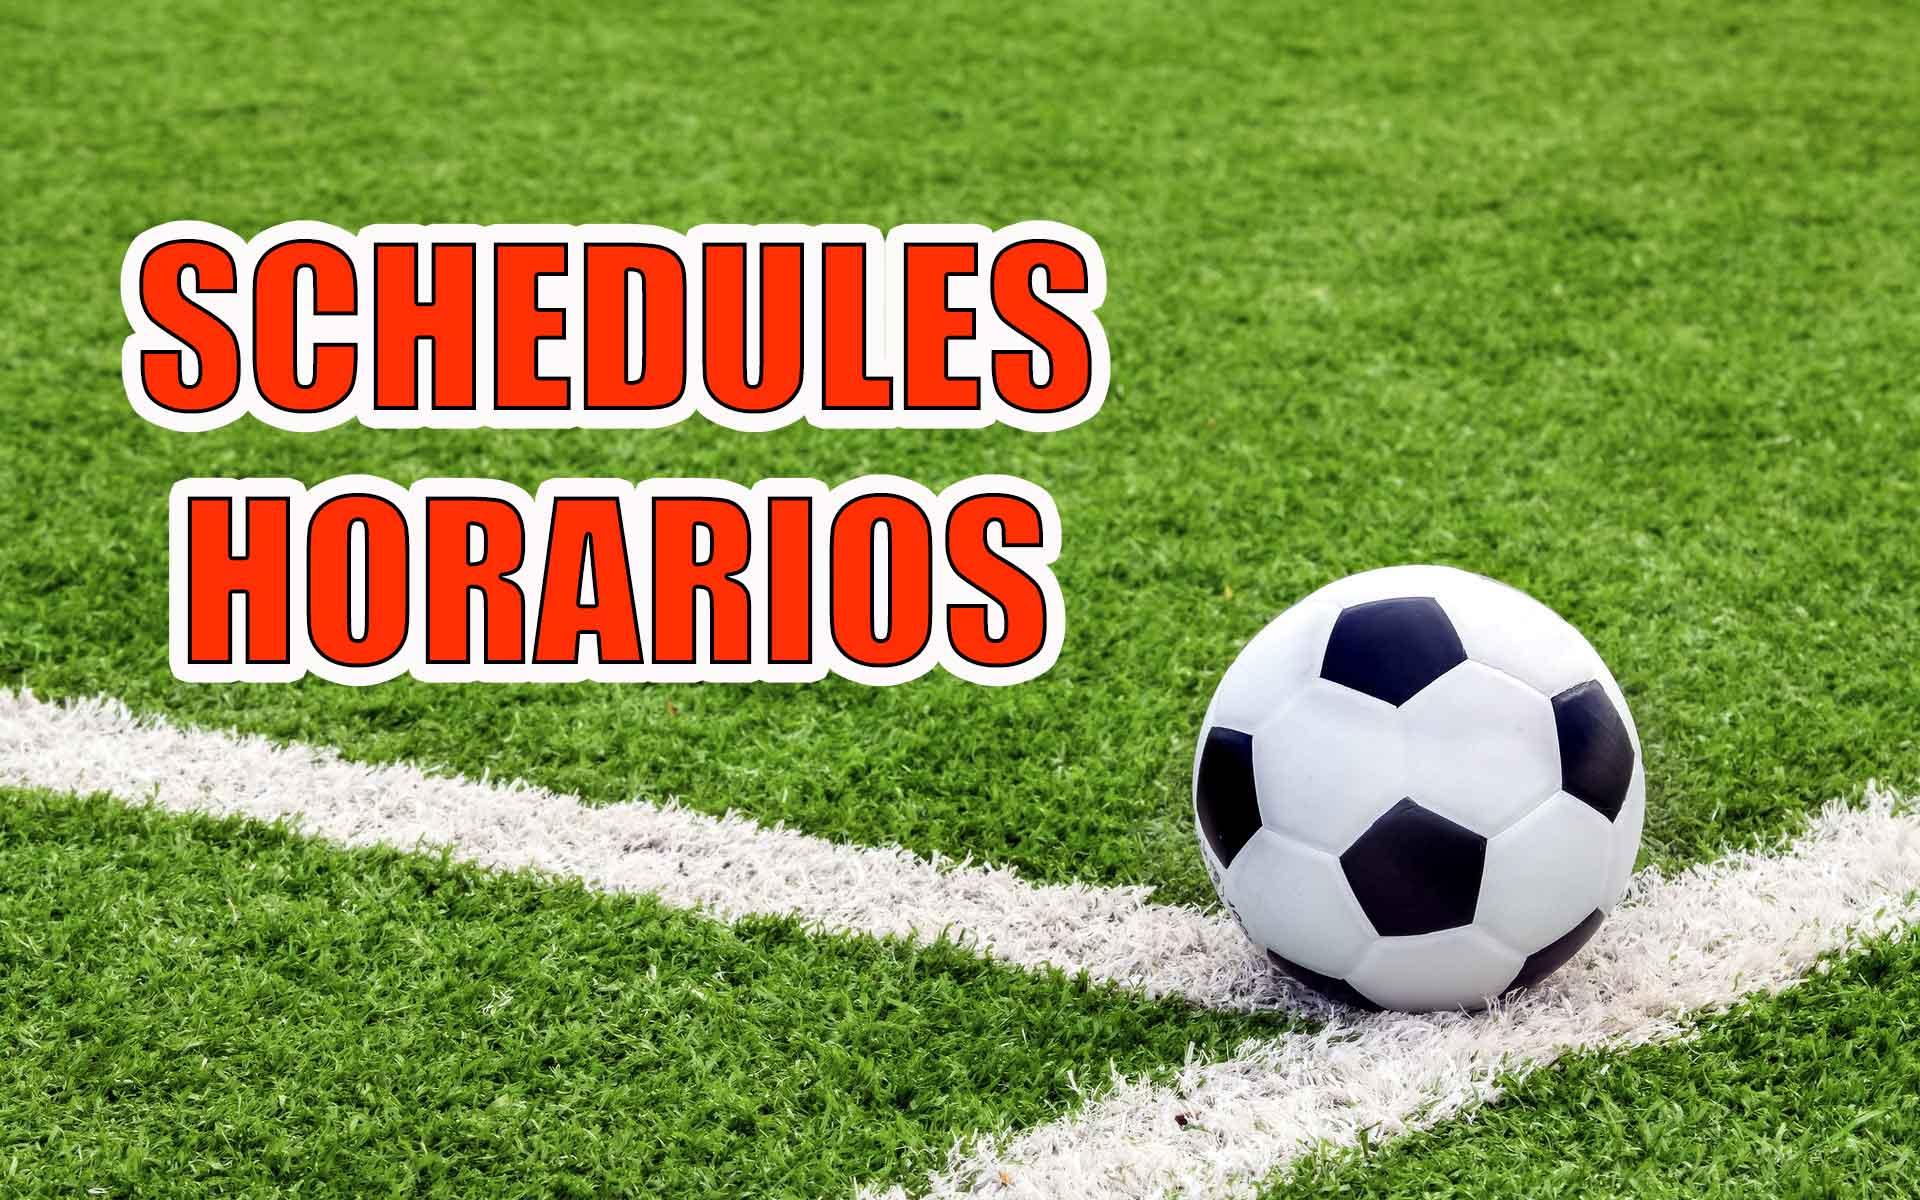 horarios futbol,